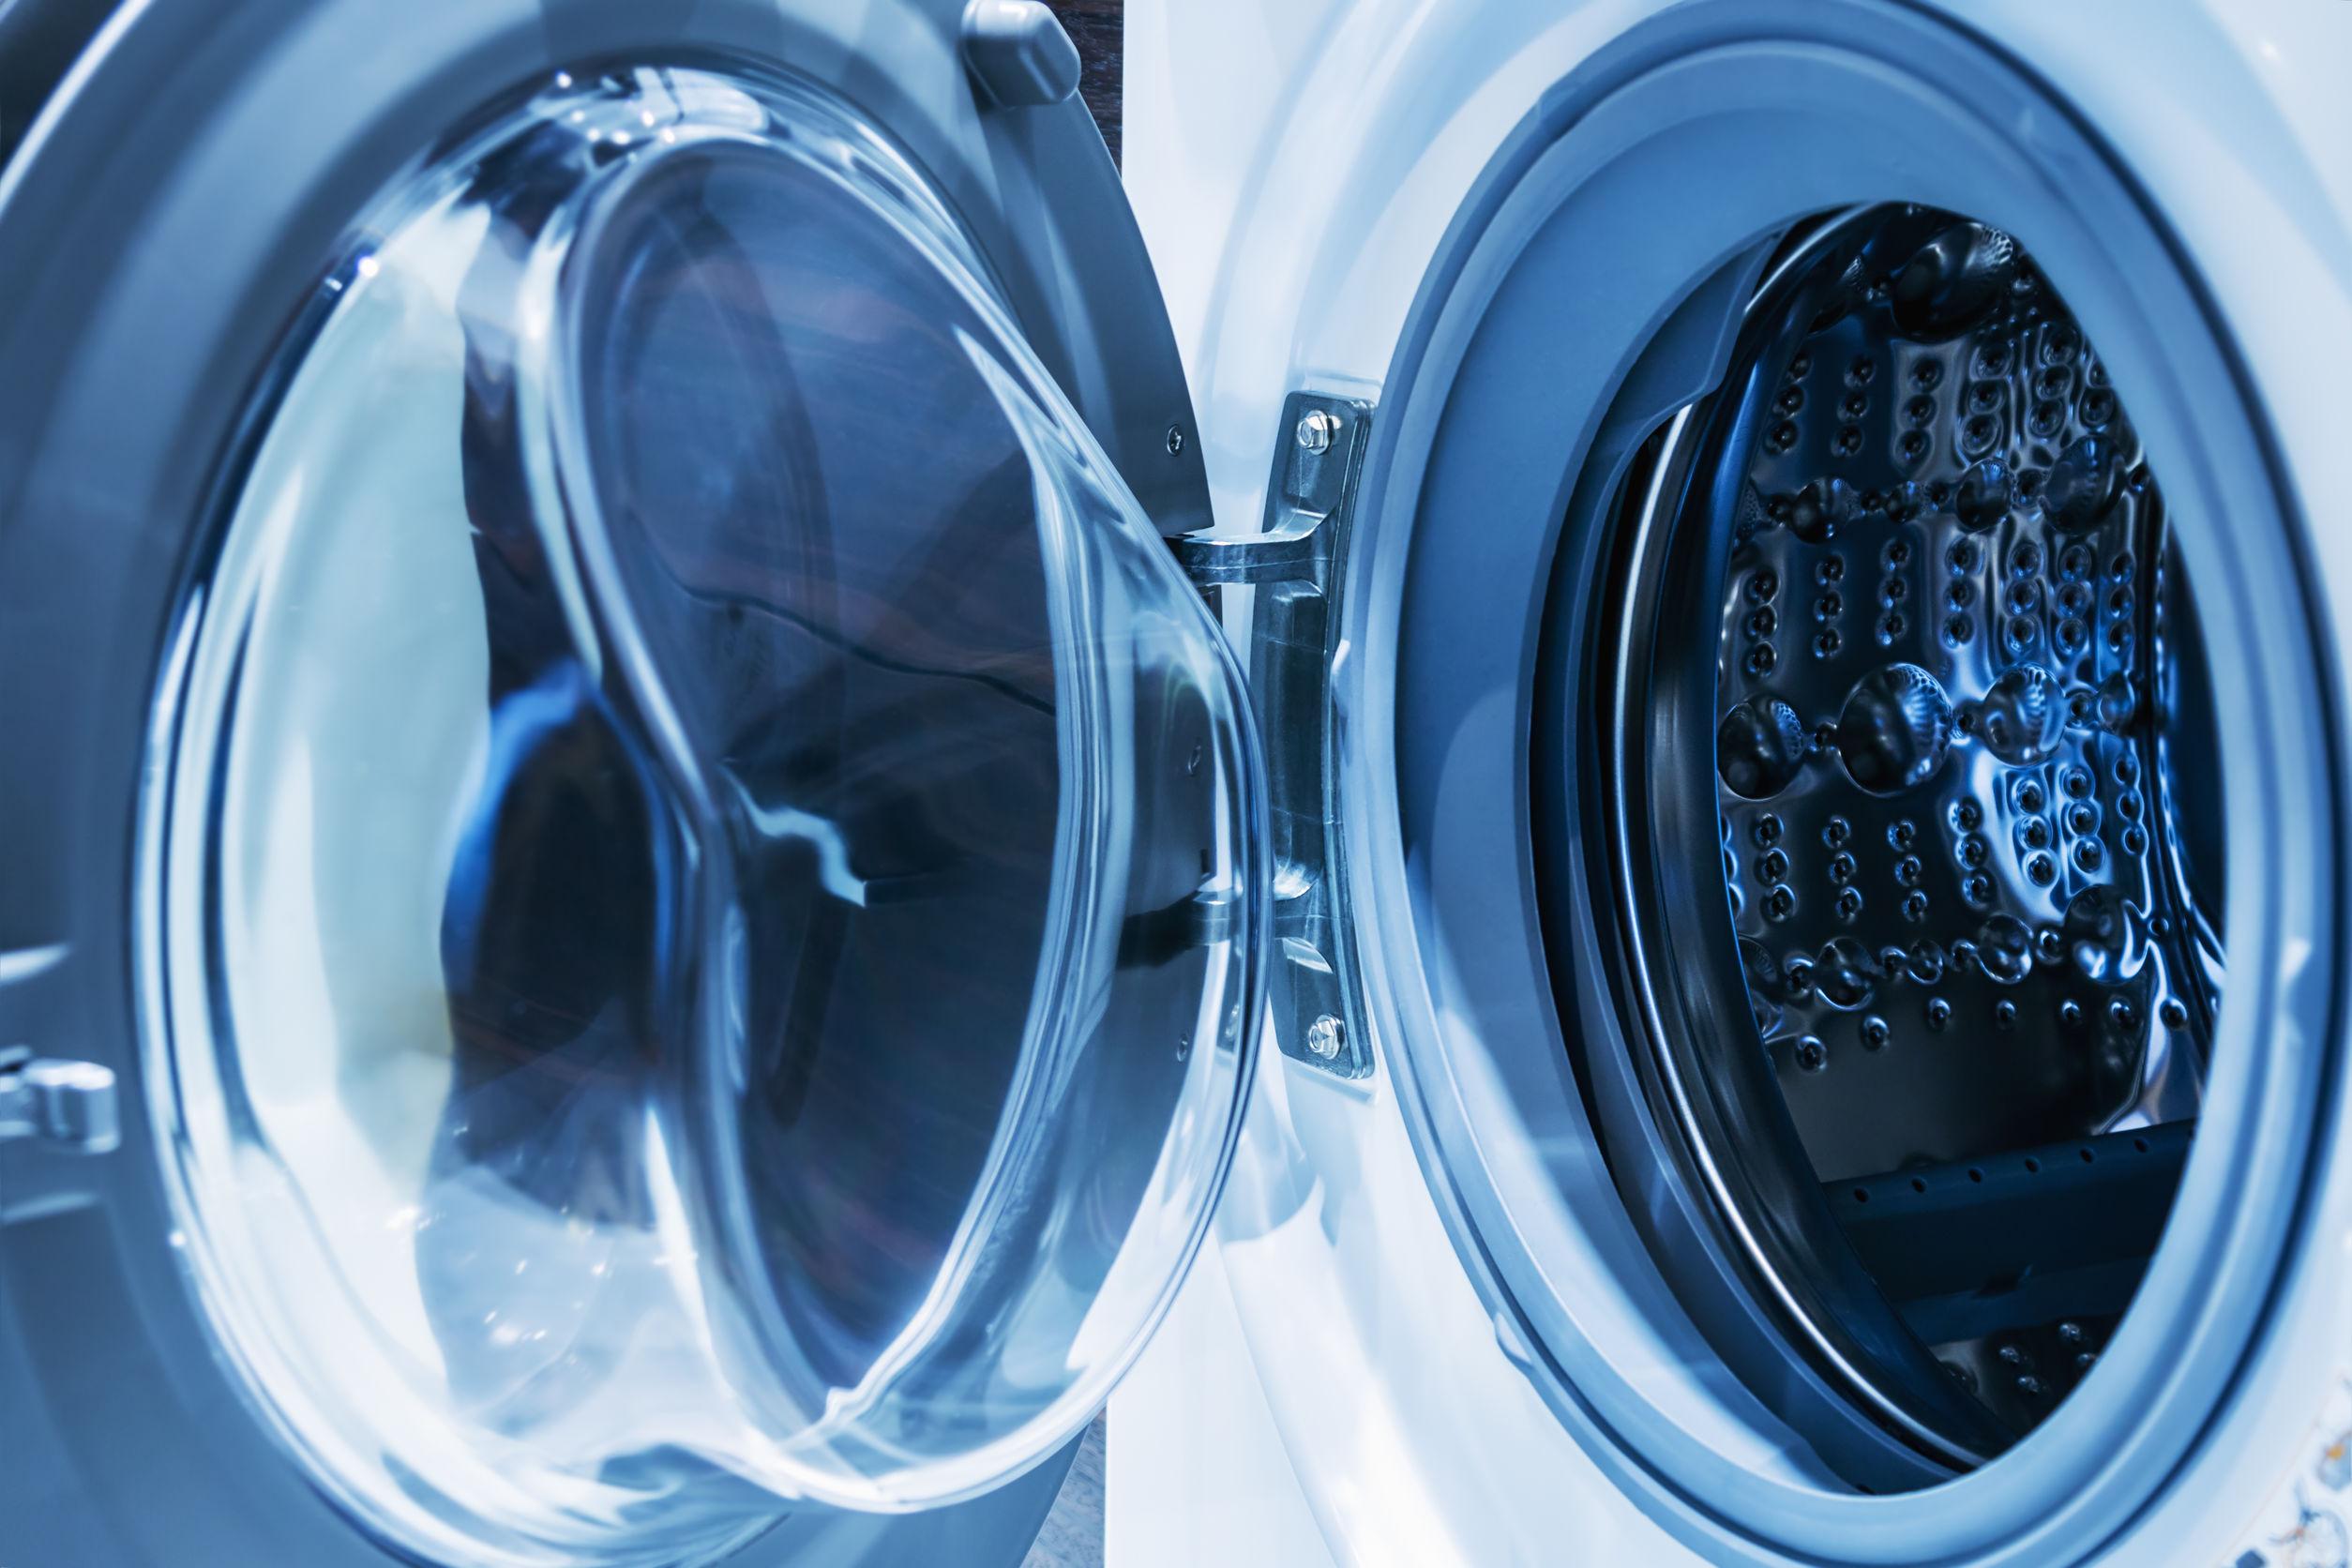 Secadora de condensación: ¿Cuál es la mejor del 2020?